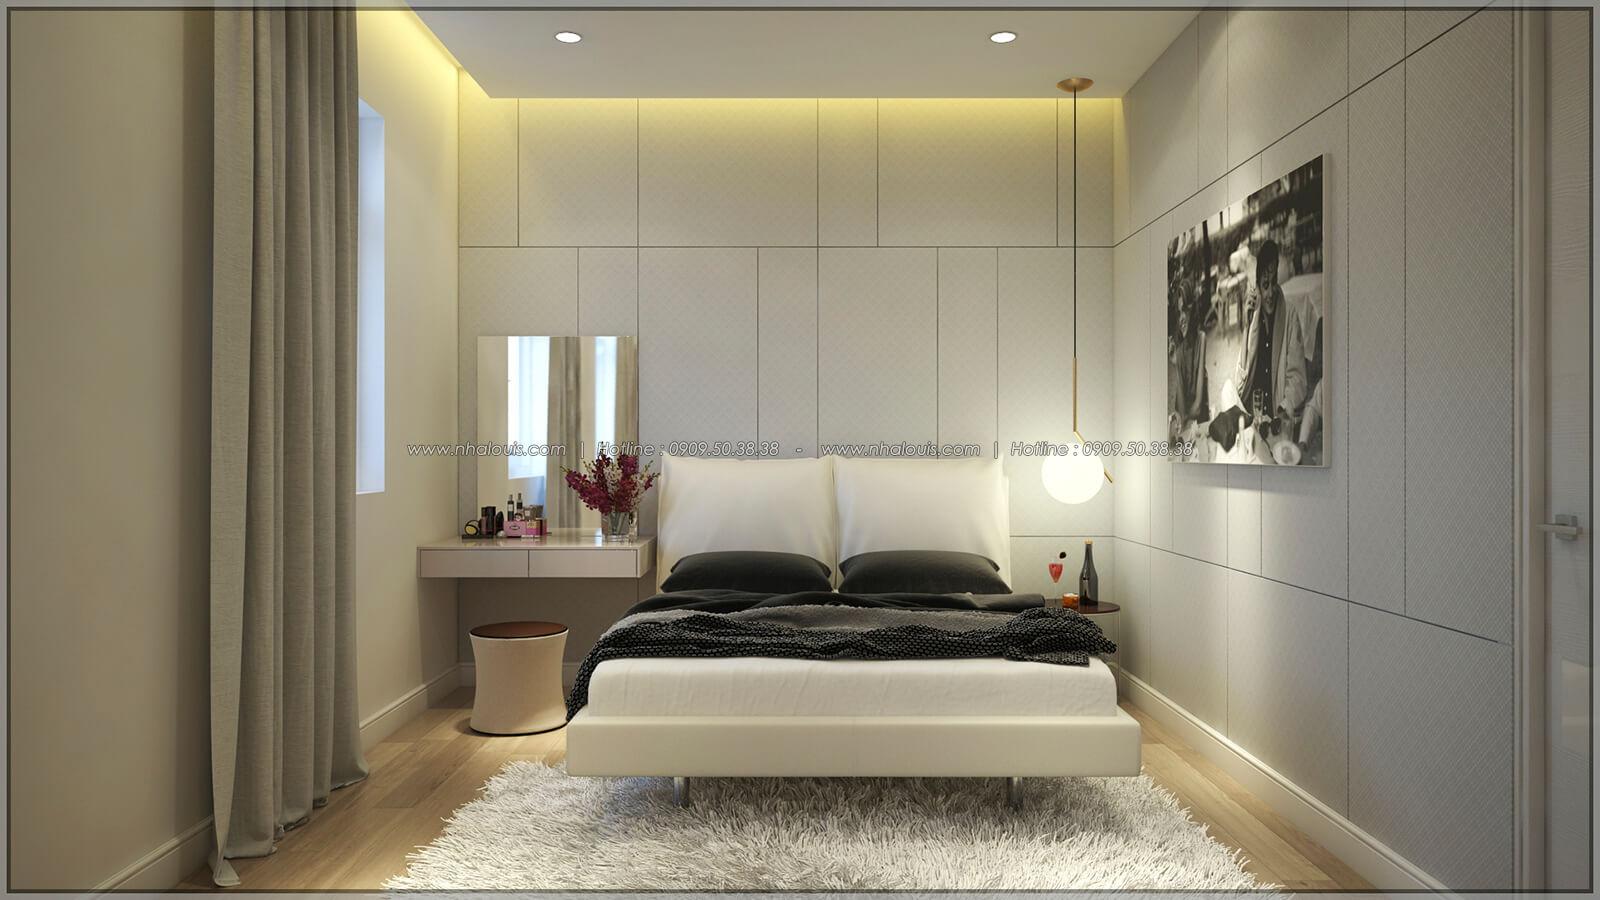 Phòng ngủ Thiết kế nhà phố kiểu Pháp với mặt tiền 6m hoành tráng tại Bình Tân - 17